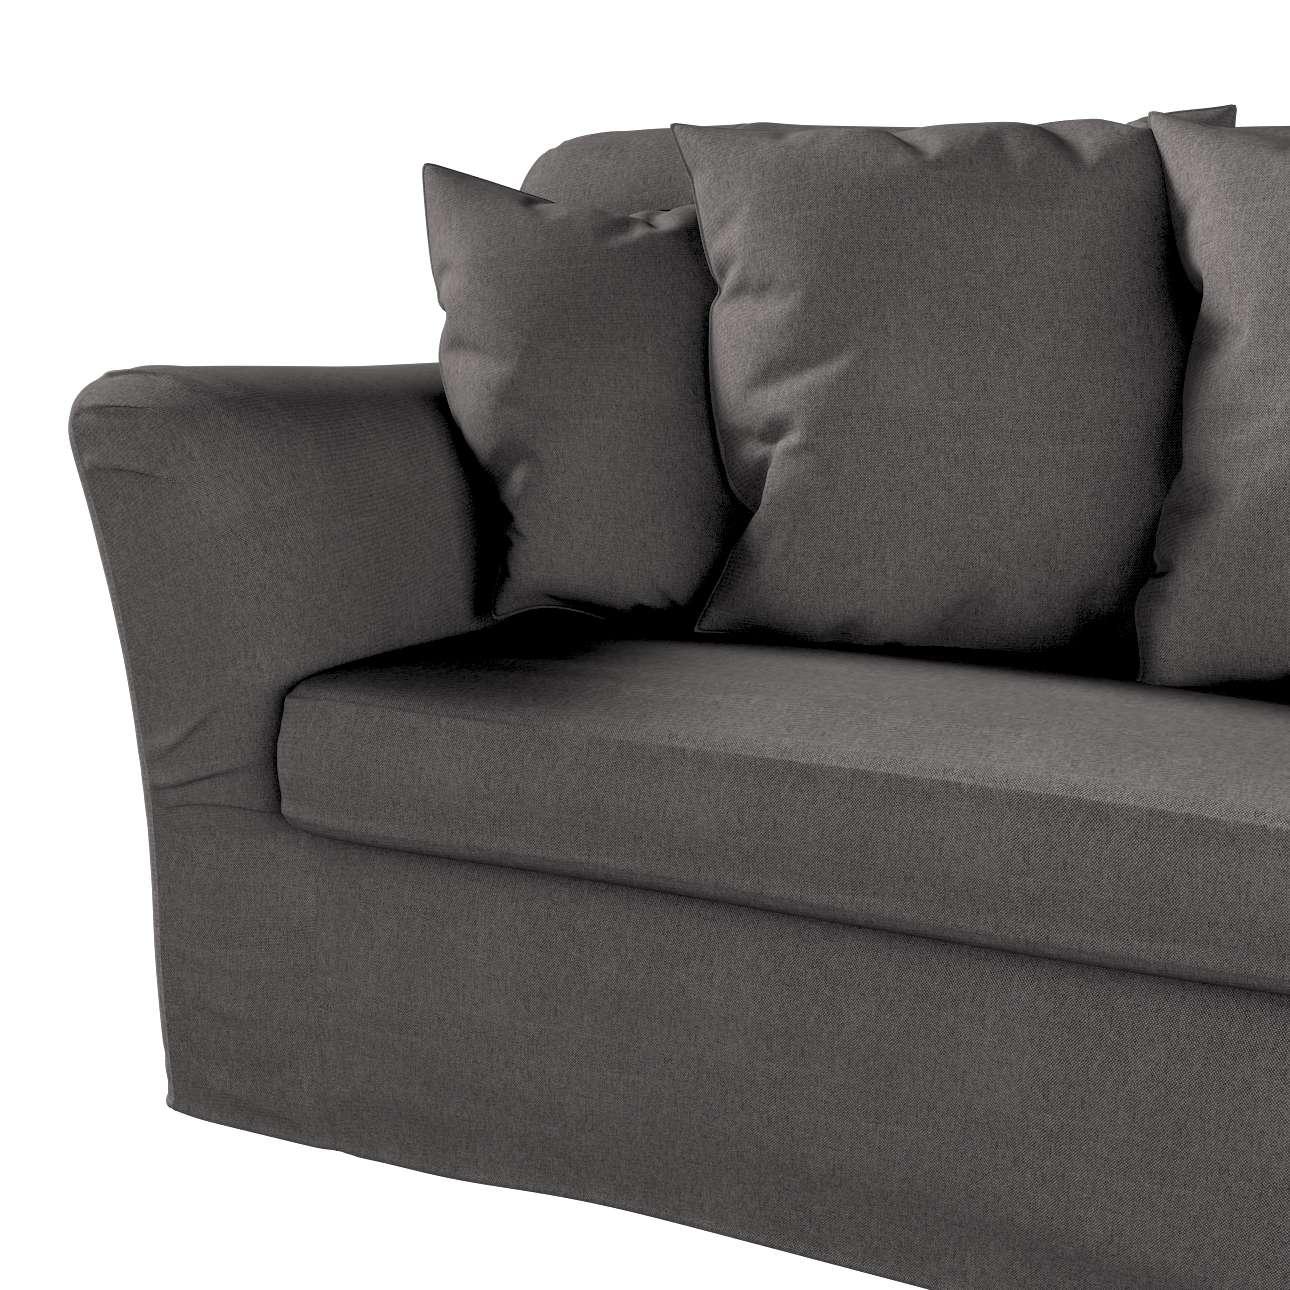 Pokrowiec na sofę Tomelilla 3-osobową rozkładaną w kolekcji Etna, tkanina: 705-35